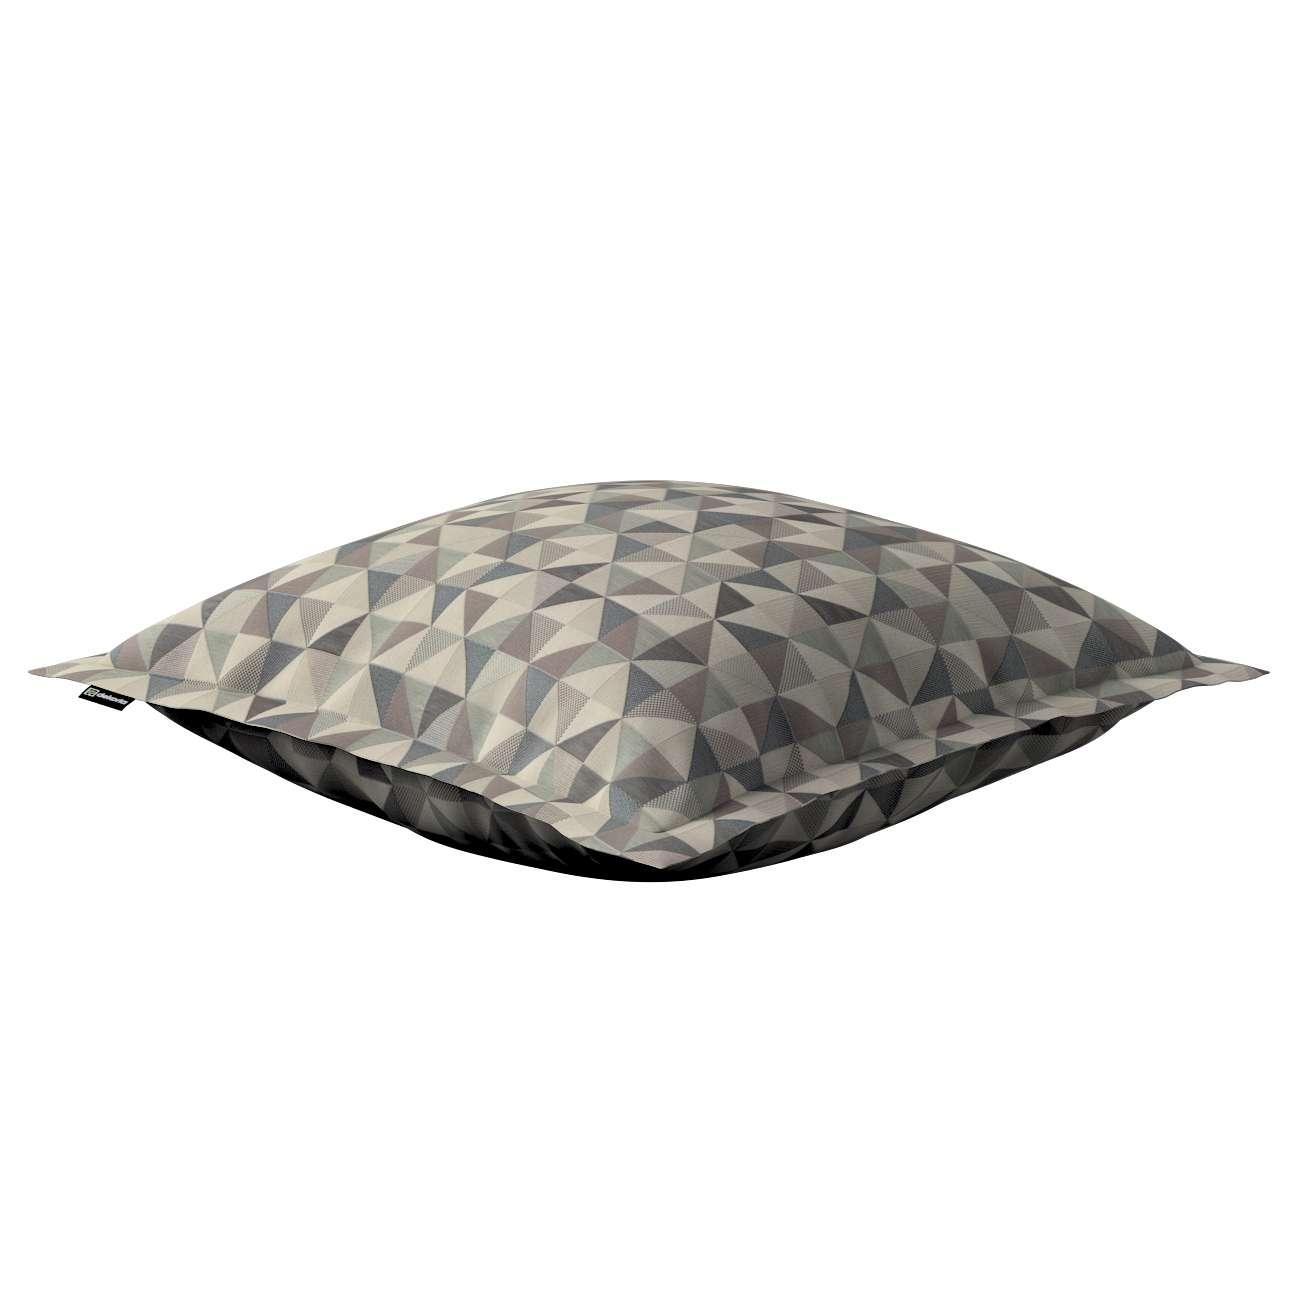 Poszewka Mona na poduszkę w kolekcji Retro Glam, tkanina: 142-84